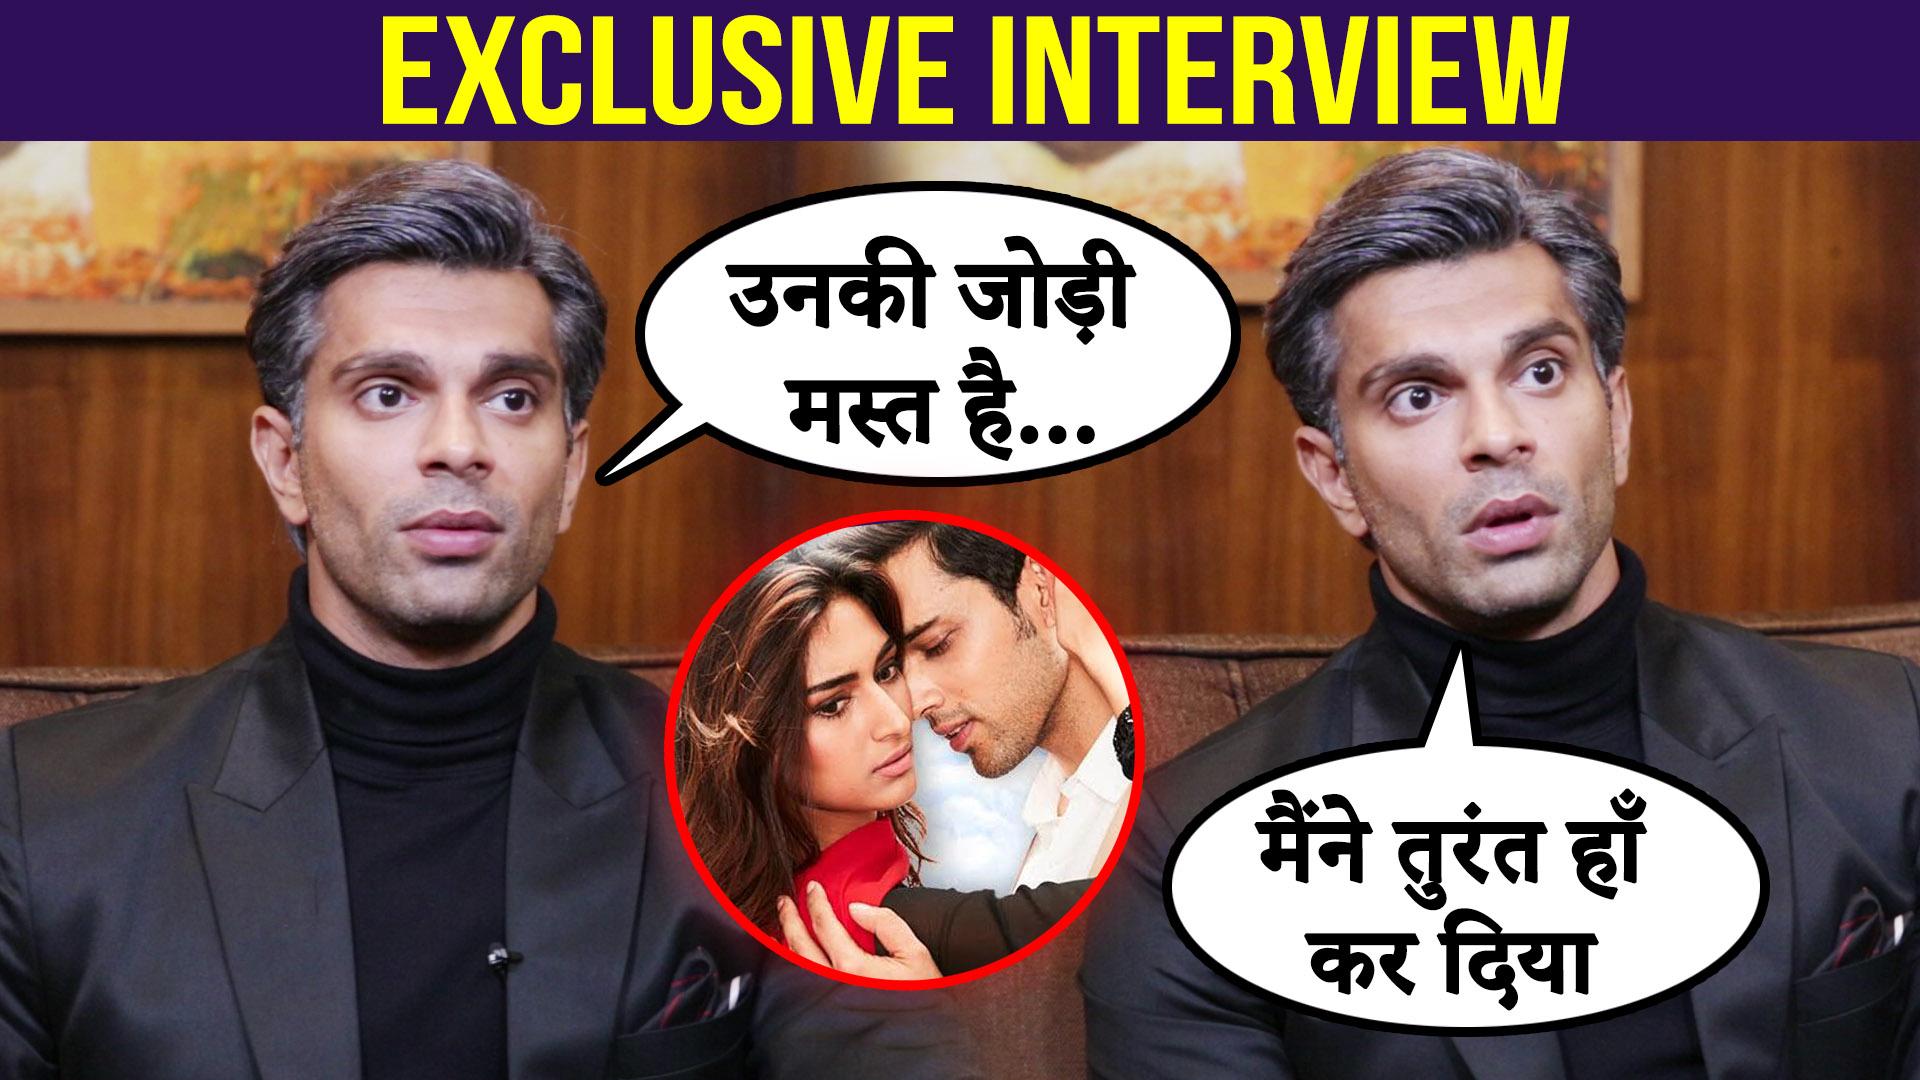 करण सिंह ग्रोवर Exclusive:कसौटी जिन्दगी के 2 को 1 सेकेंड में किया हां, पार्थ-एरिका के बारे में कही ये बात